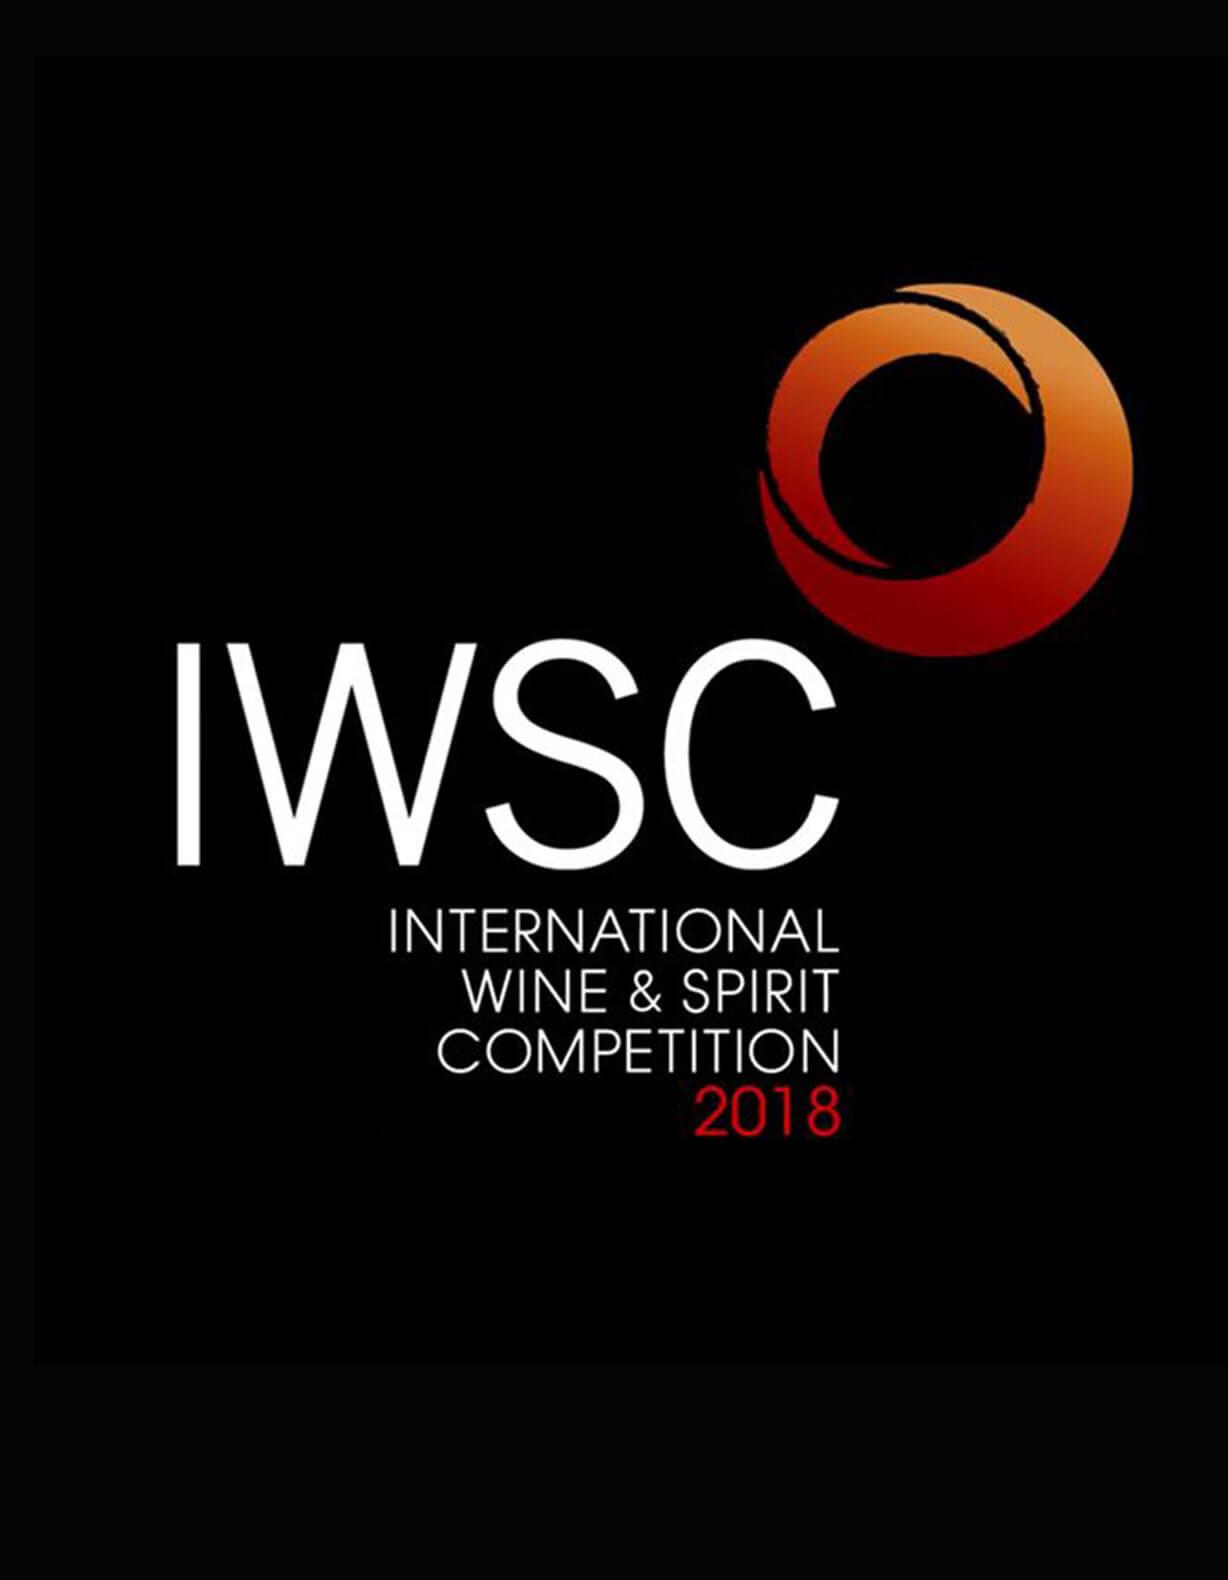 2018 IWSC Award